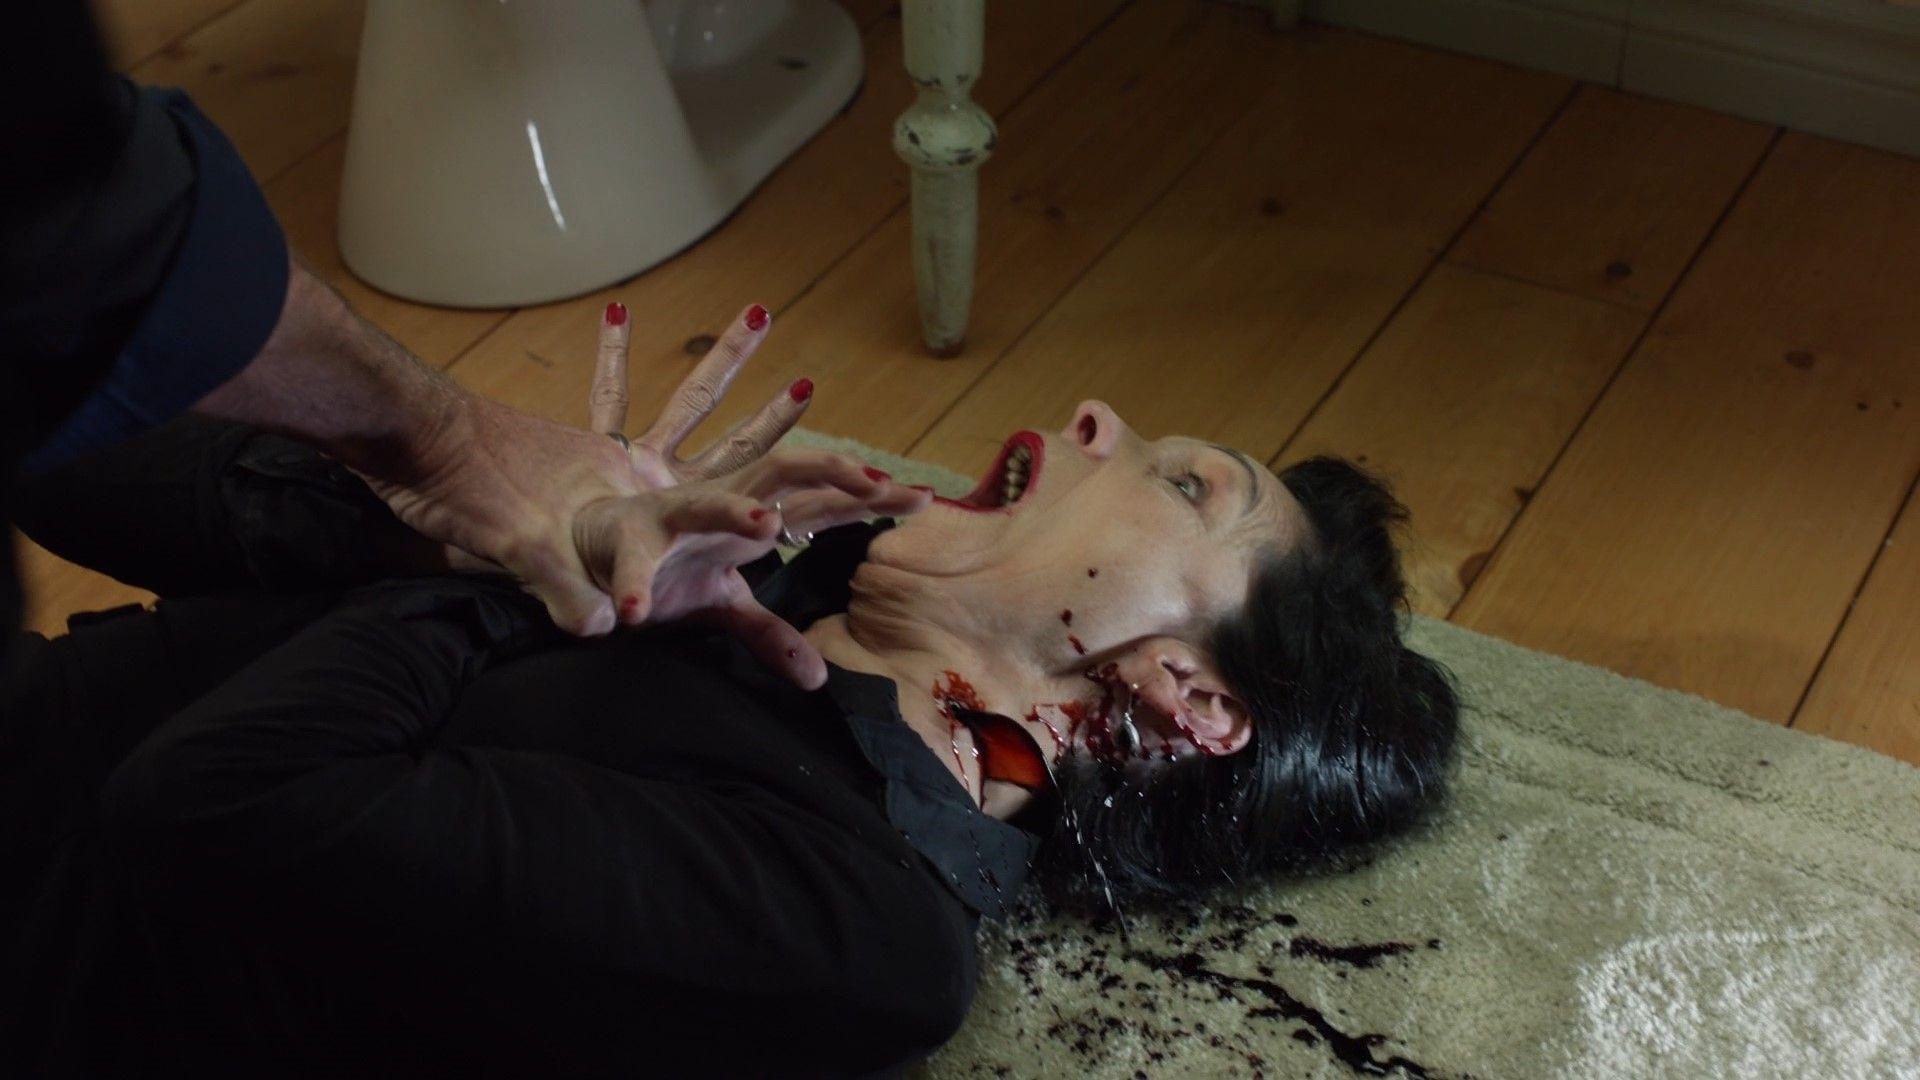 Мешок с костями / Bag of bones / Серии 1-2 из 2 (2011) WEB-DL 1080p | AlexFilm & NewStudio